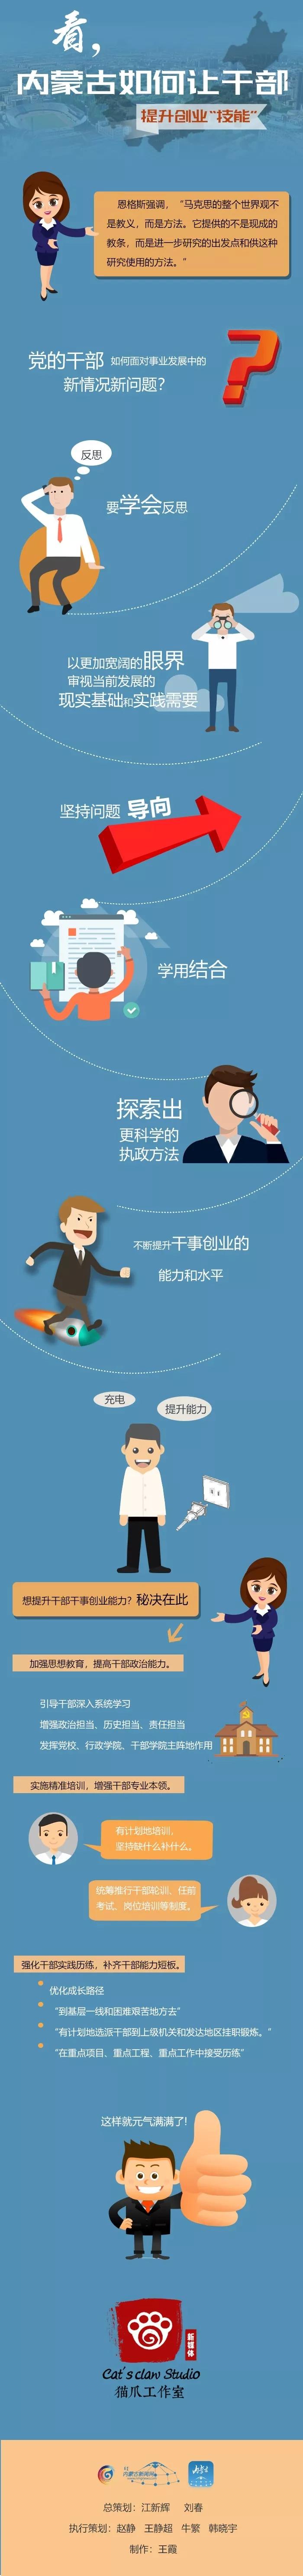 内蒙古出台措施提升干部本领